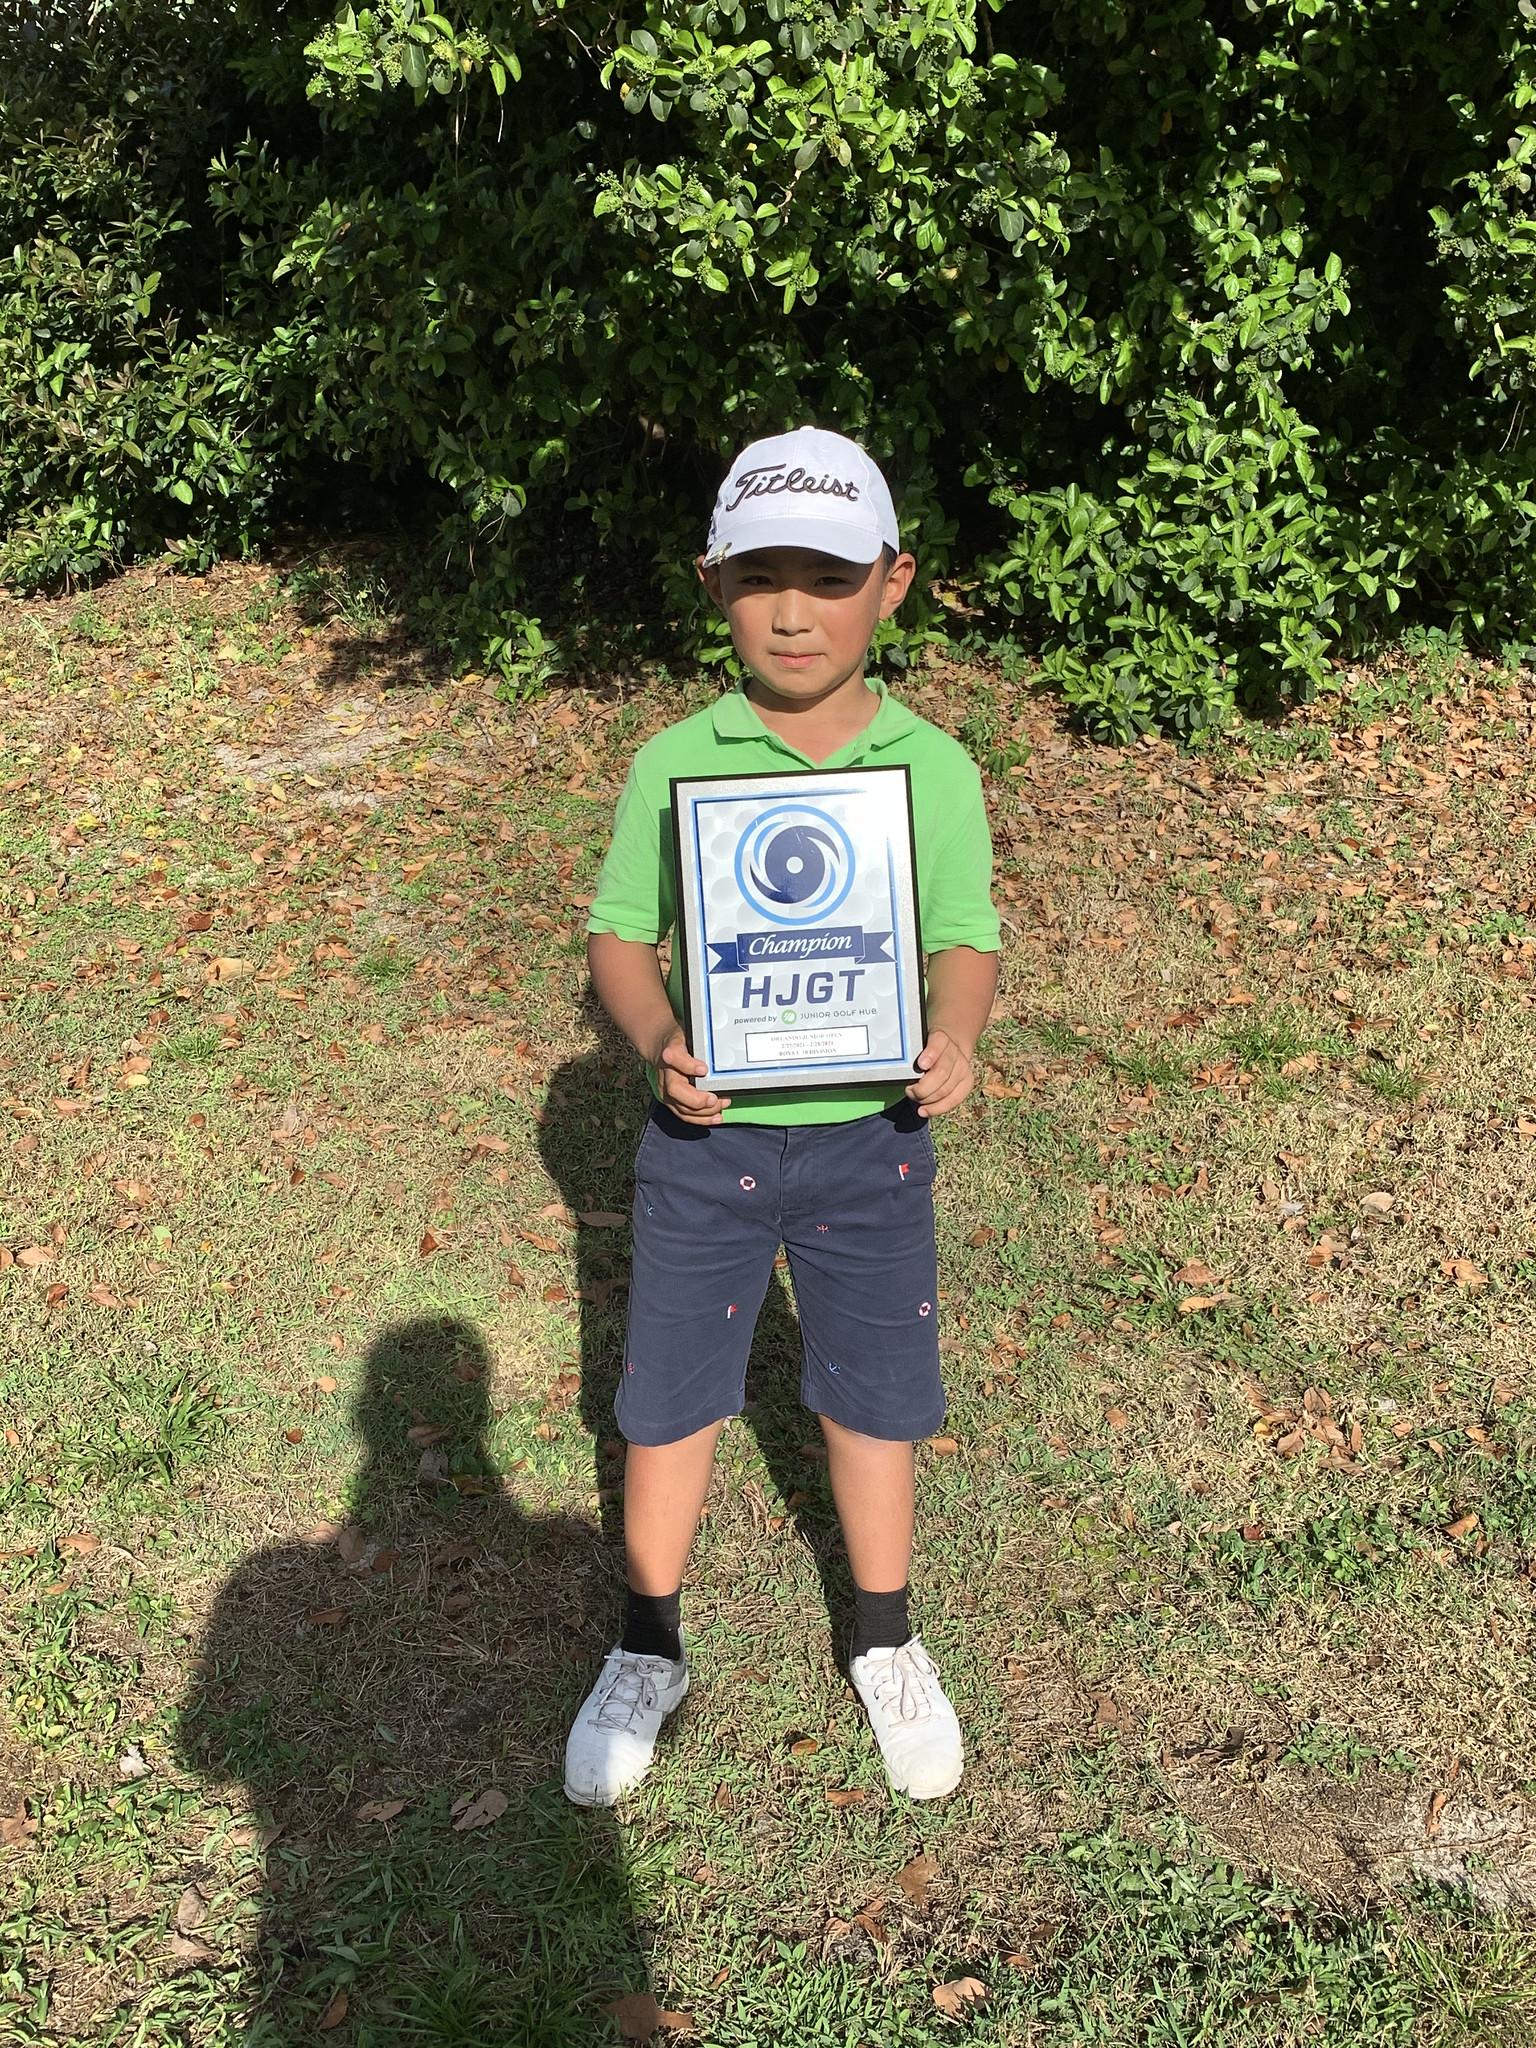 Orlando Junior Open (All Girls, Boys 11-13 & Boys U10)